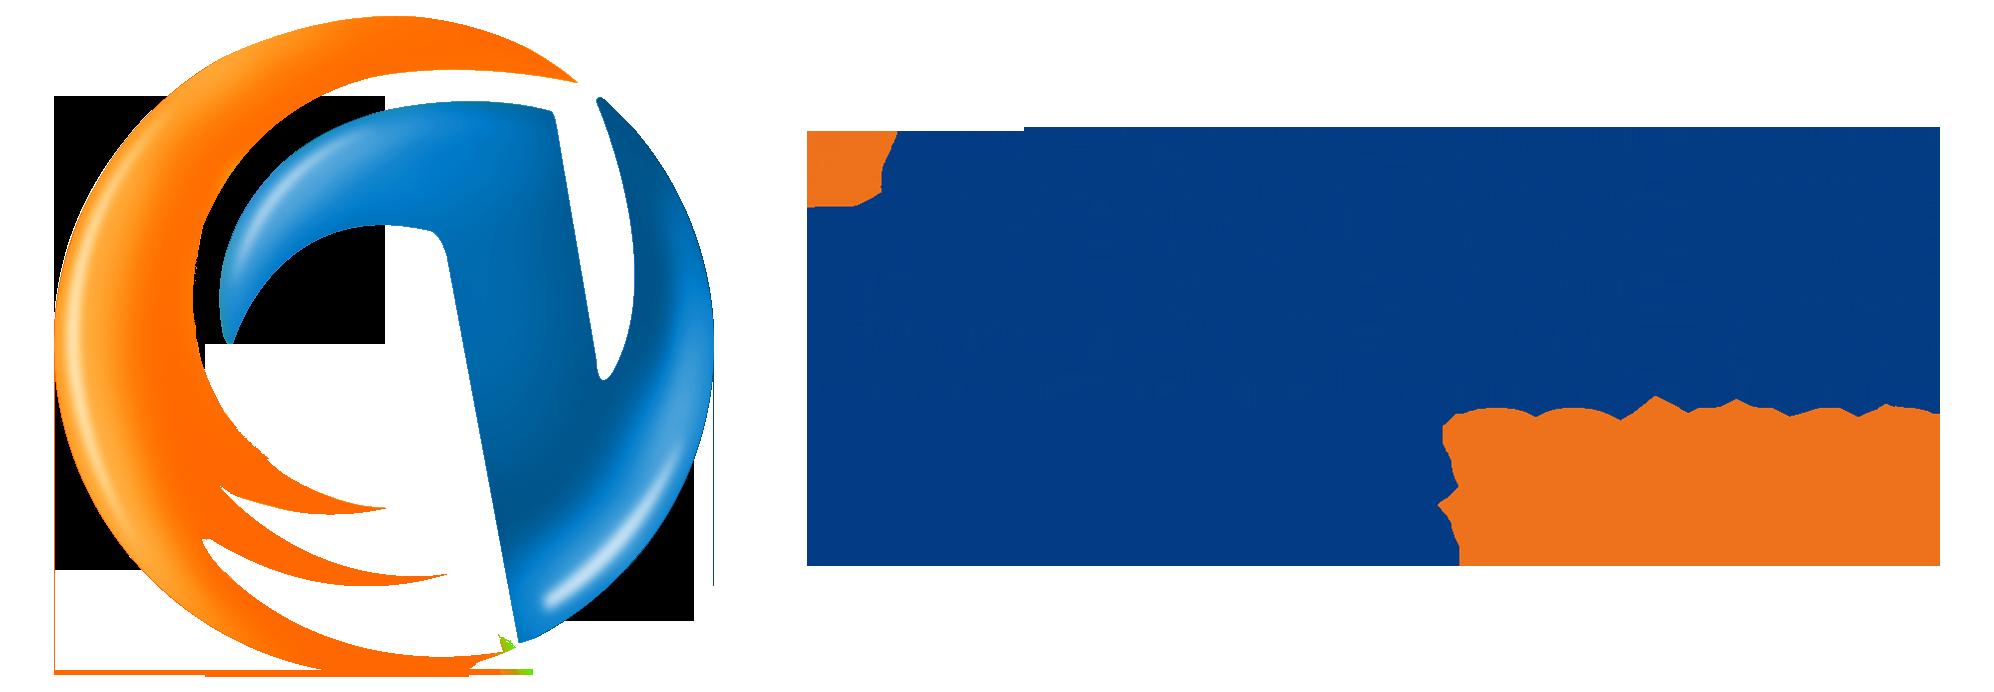 山�|���尚畔⒓夹g股份有限公司logo